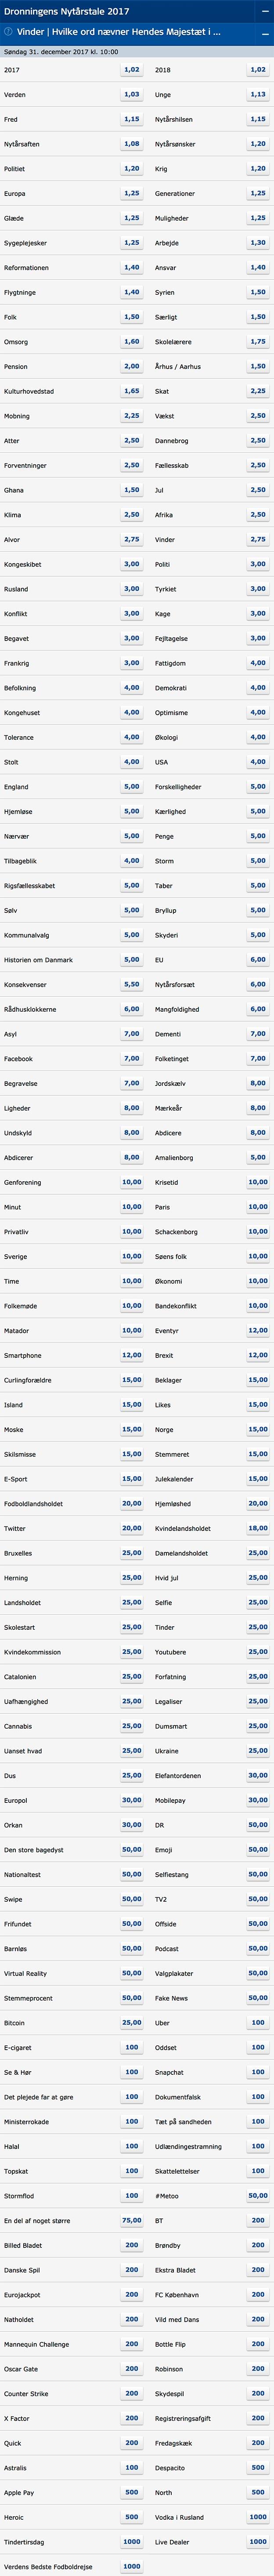 Spil på Dronningens nytårstale hos Danske Spil. Se alle odds her.